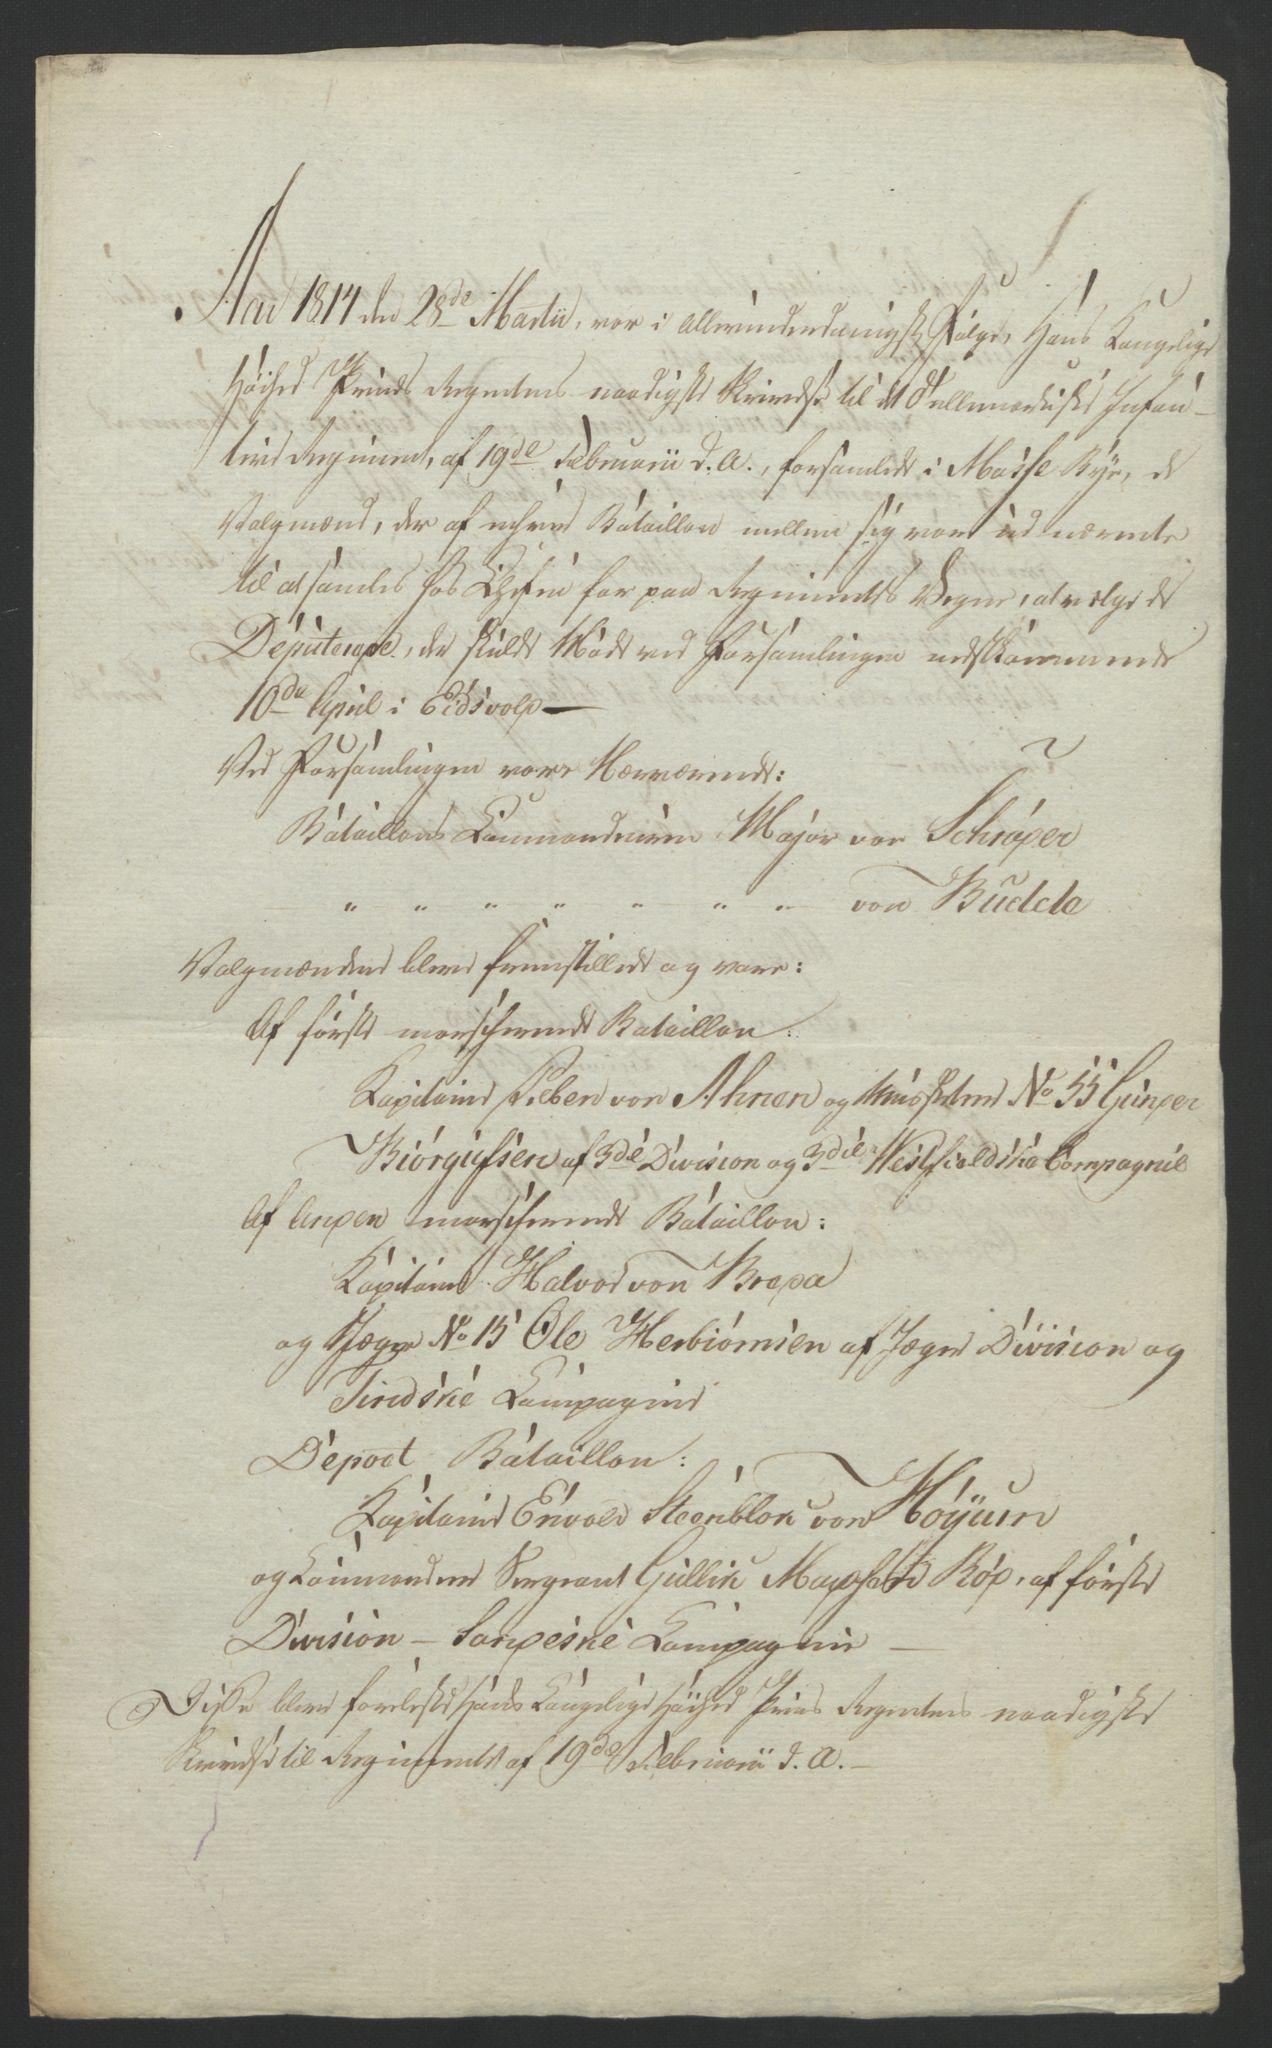 RA, Statsrådssekretariatet, D/Db/L0007: Fullmakter for Eidsvollsrepresentantene i 1814. , 1814, s. 114